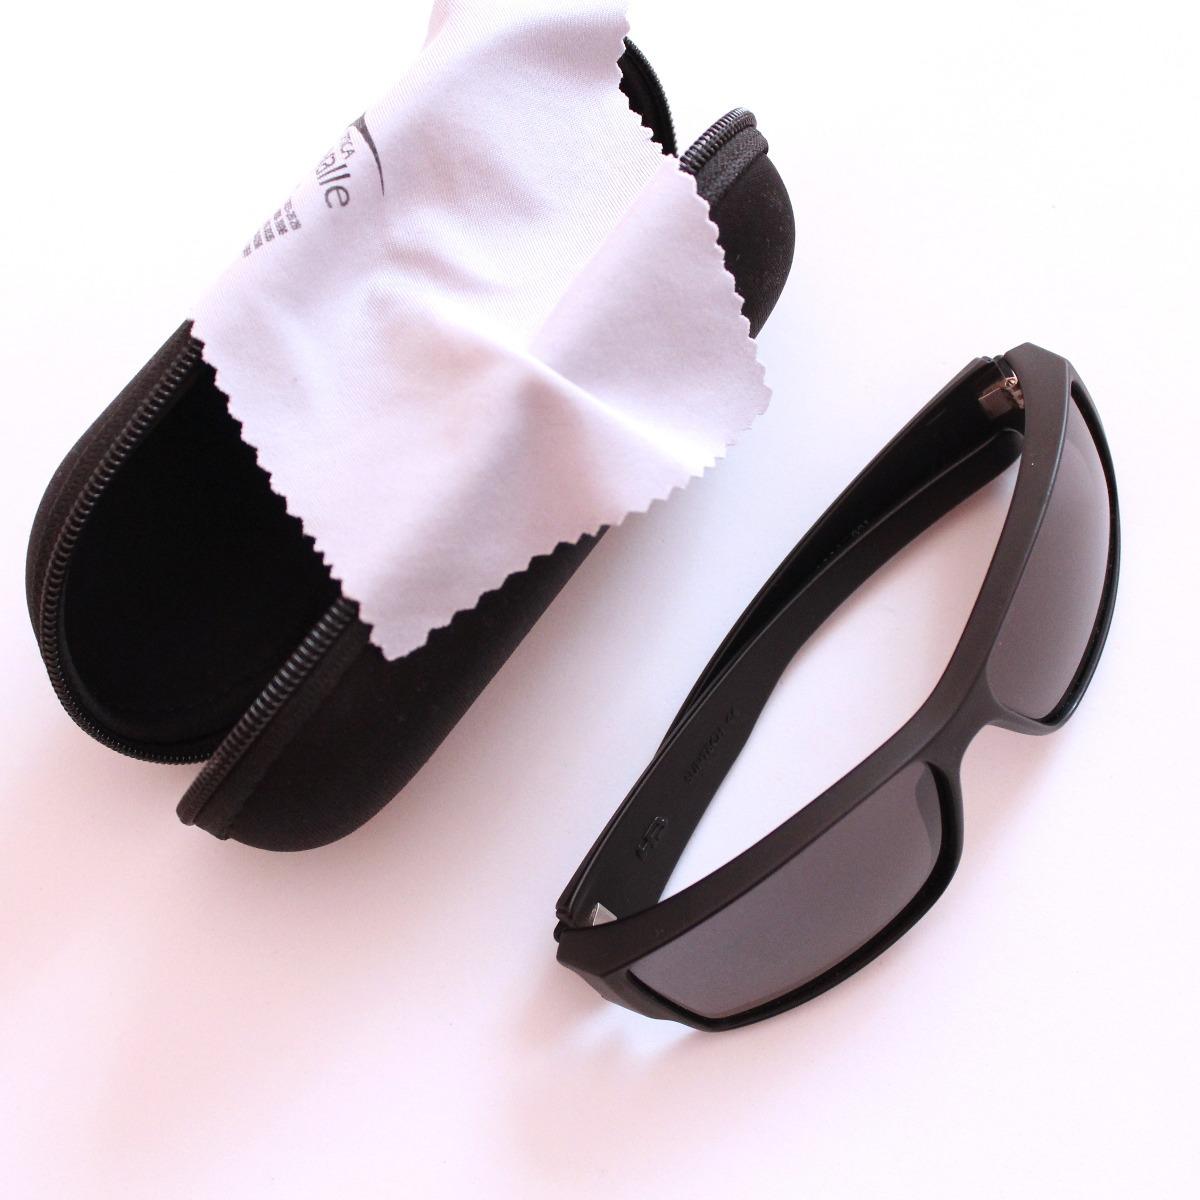 Oculos De Sol Masculino Hb Vert - R  169,00 em Mercado Livre 834f7d047e